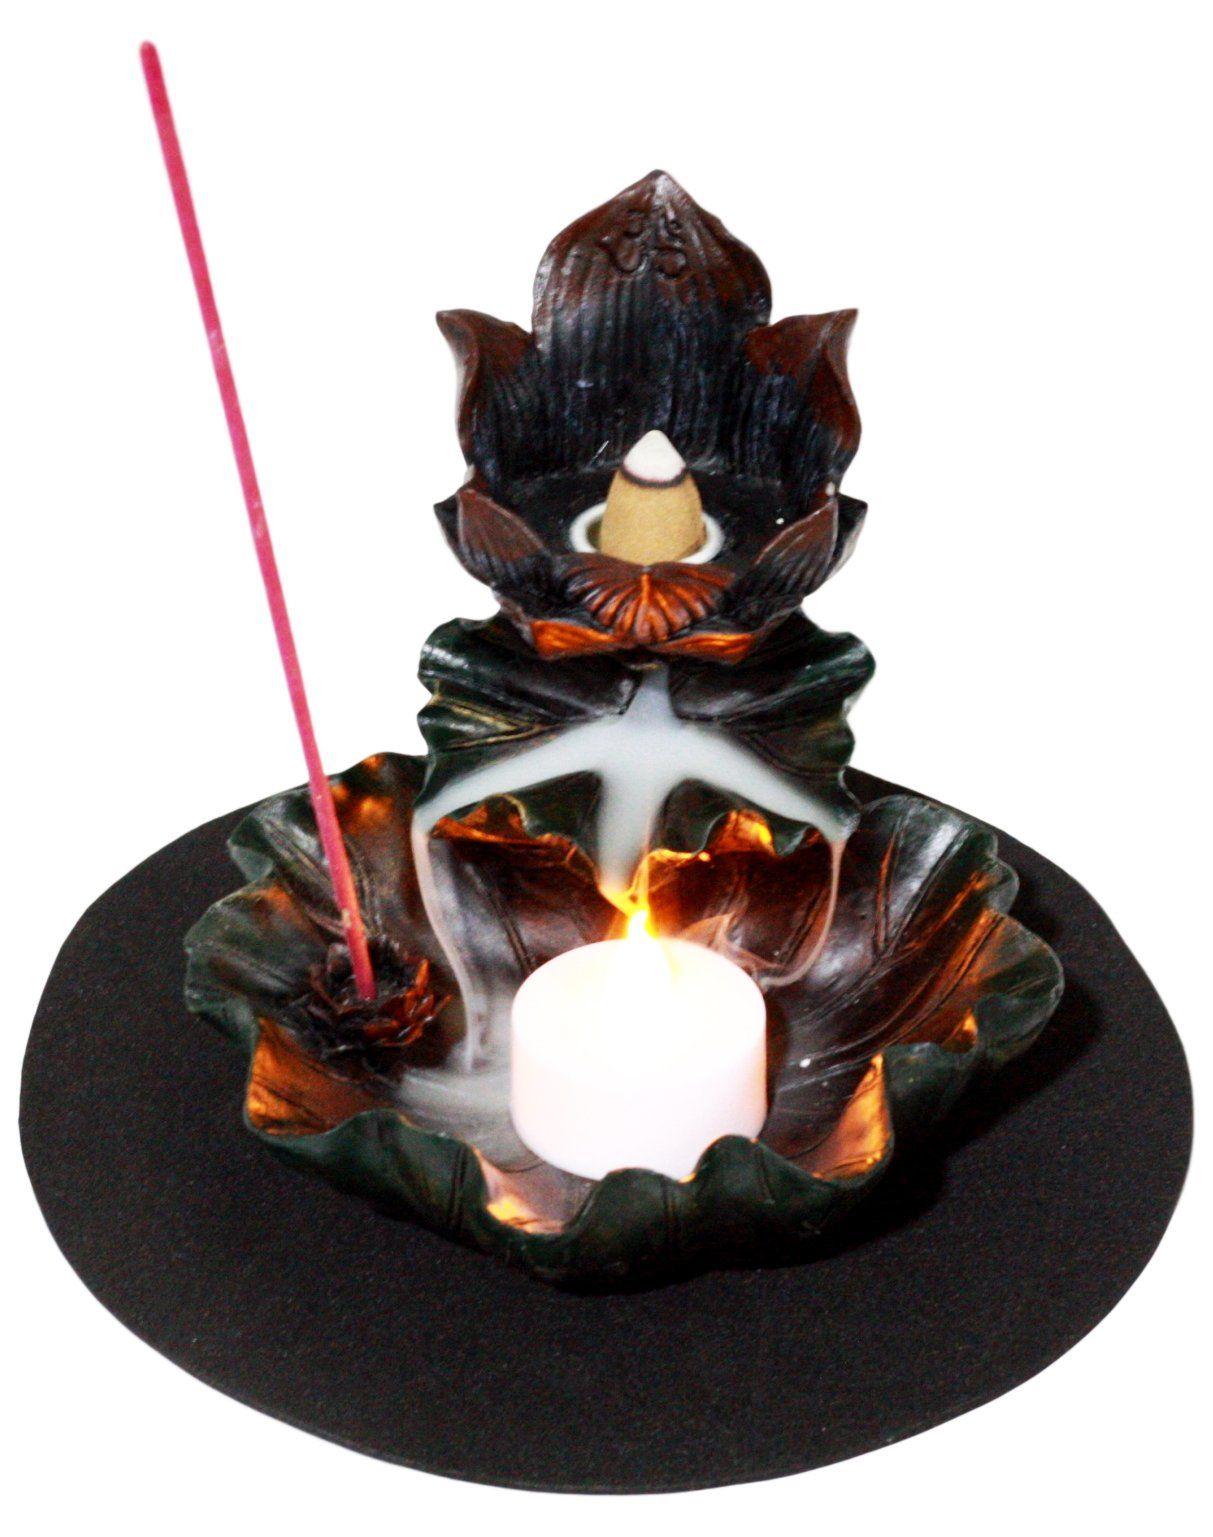 Feng shui zen lotus flower incense tower burner and candle holder